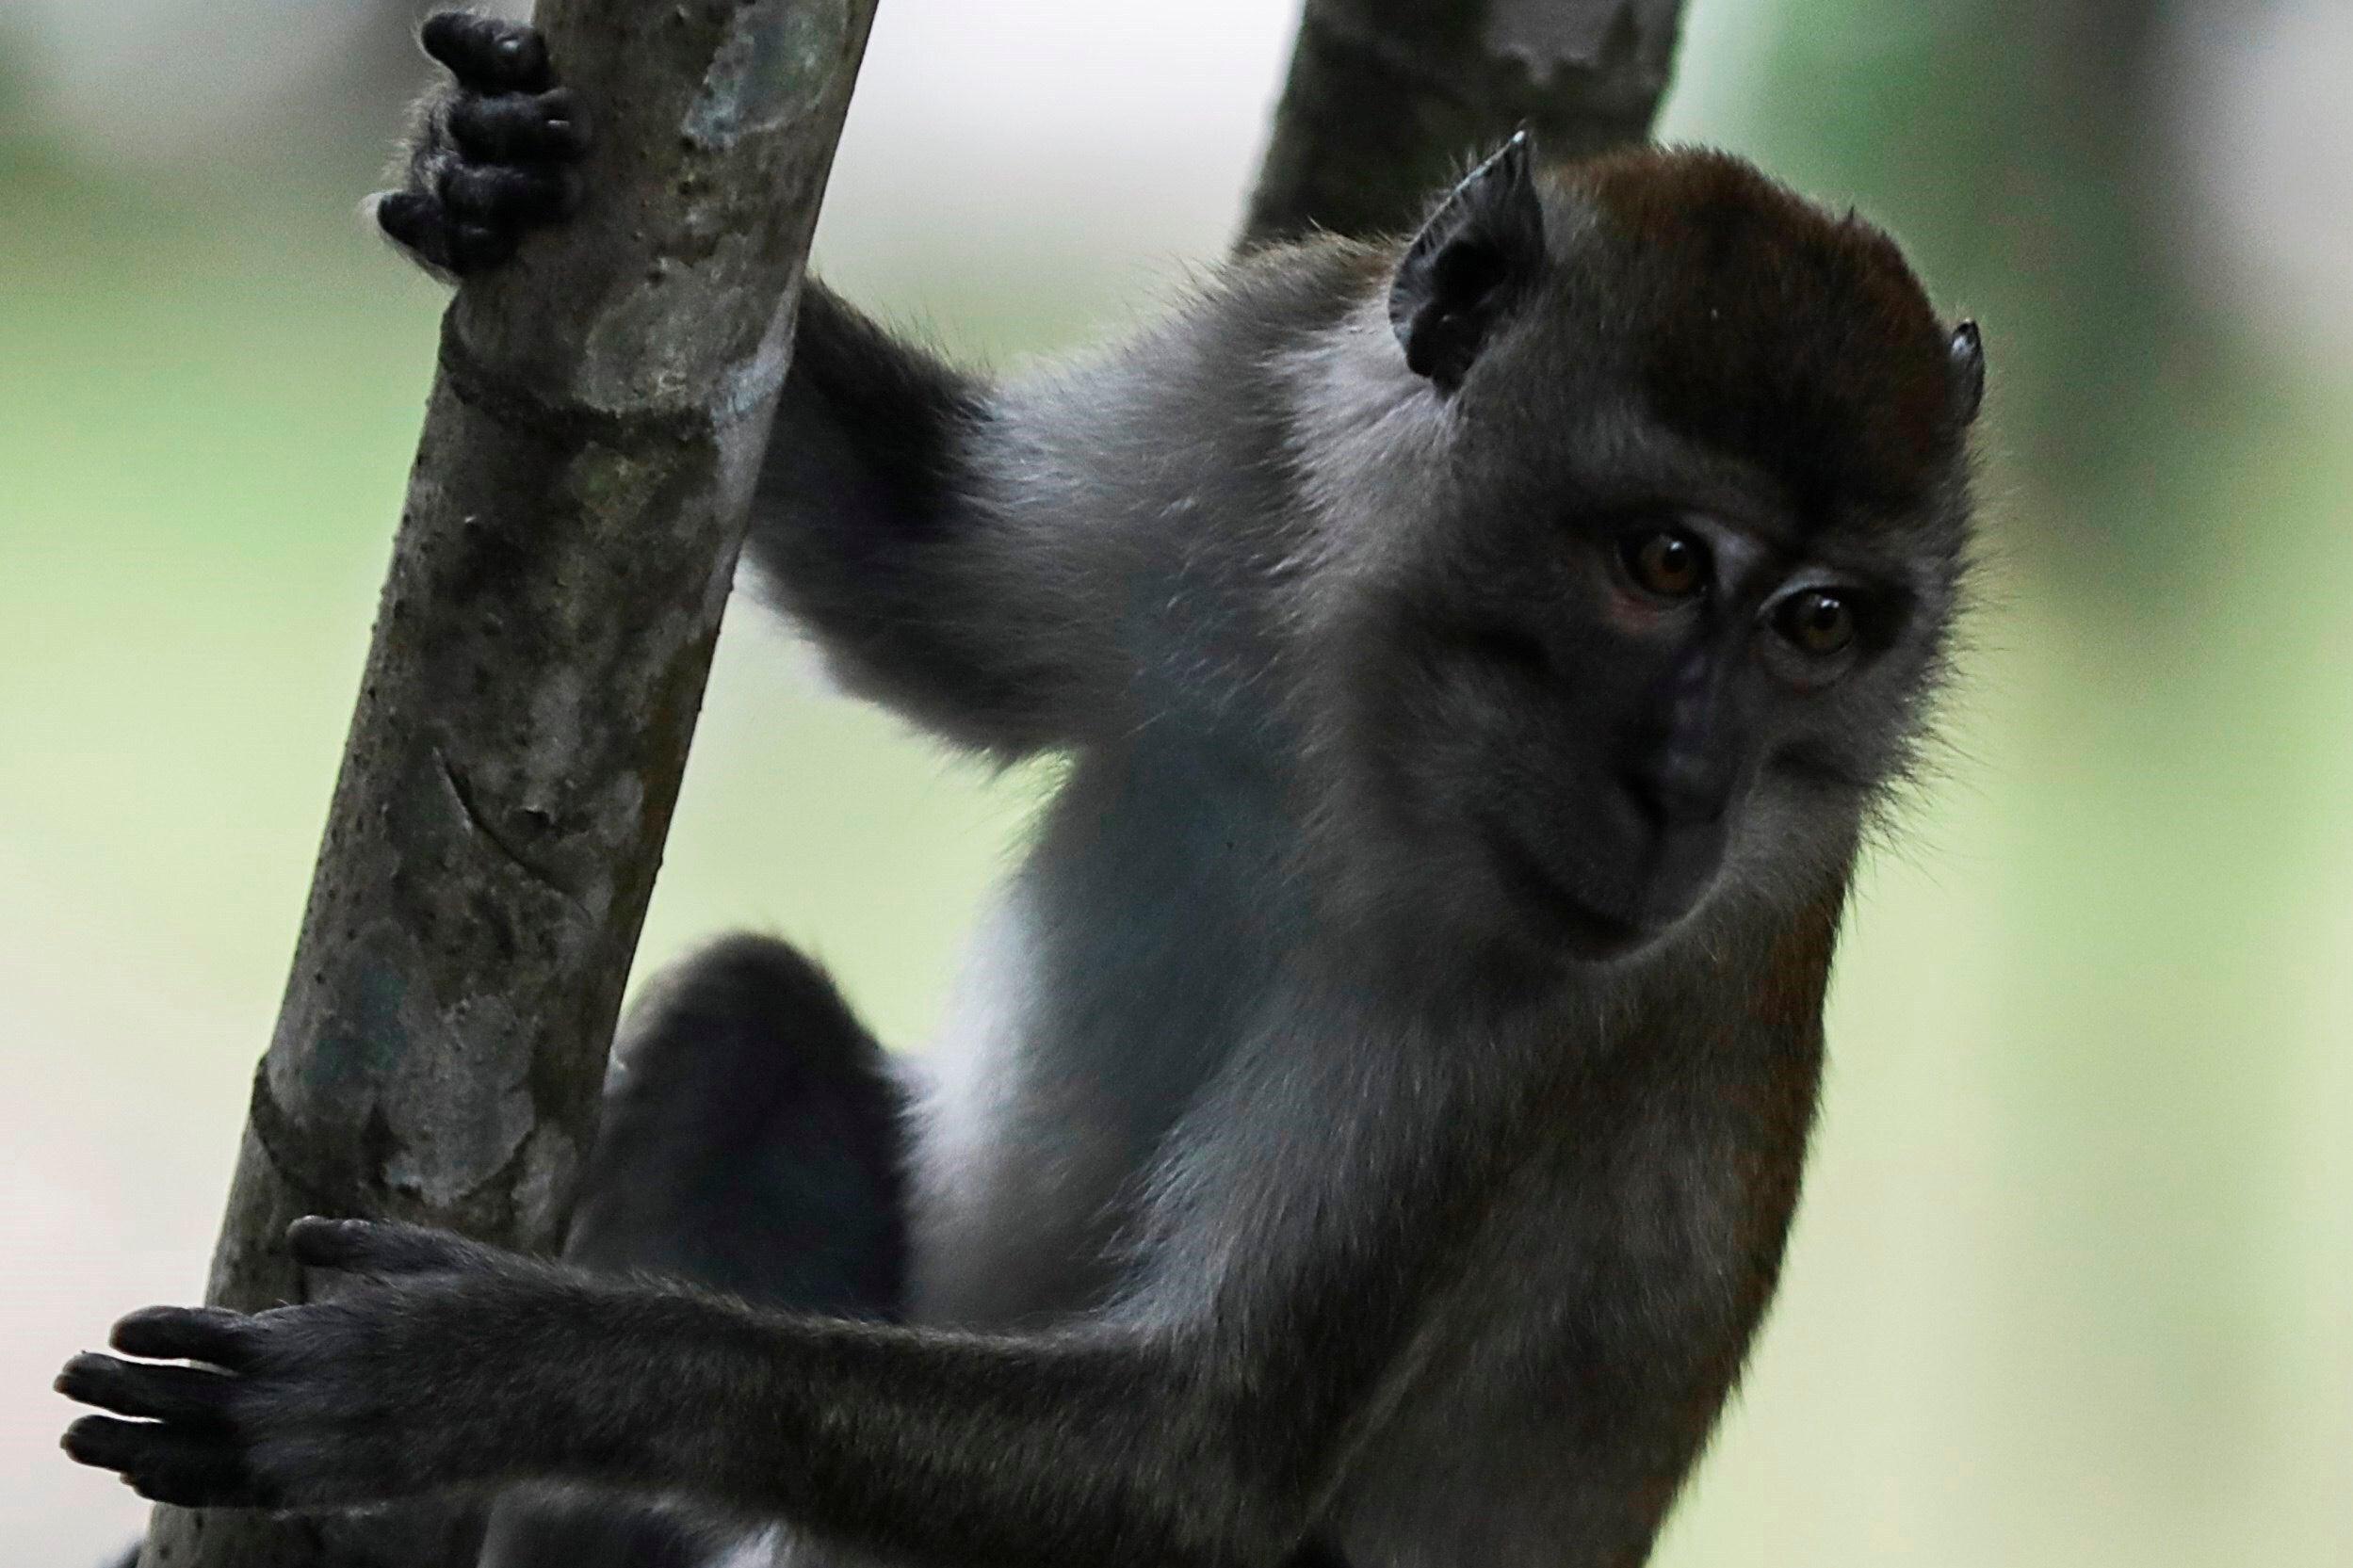 Tertulia Zona Cero: Híbridos mitad mono mitad humano